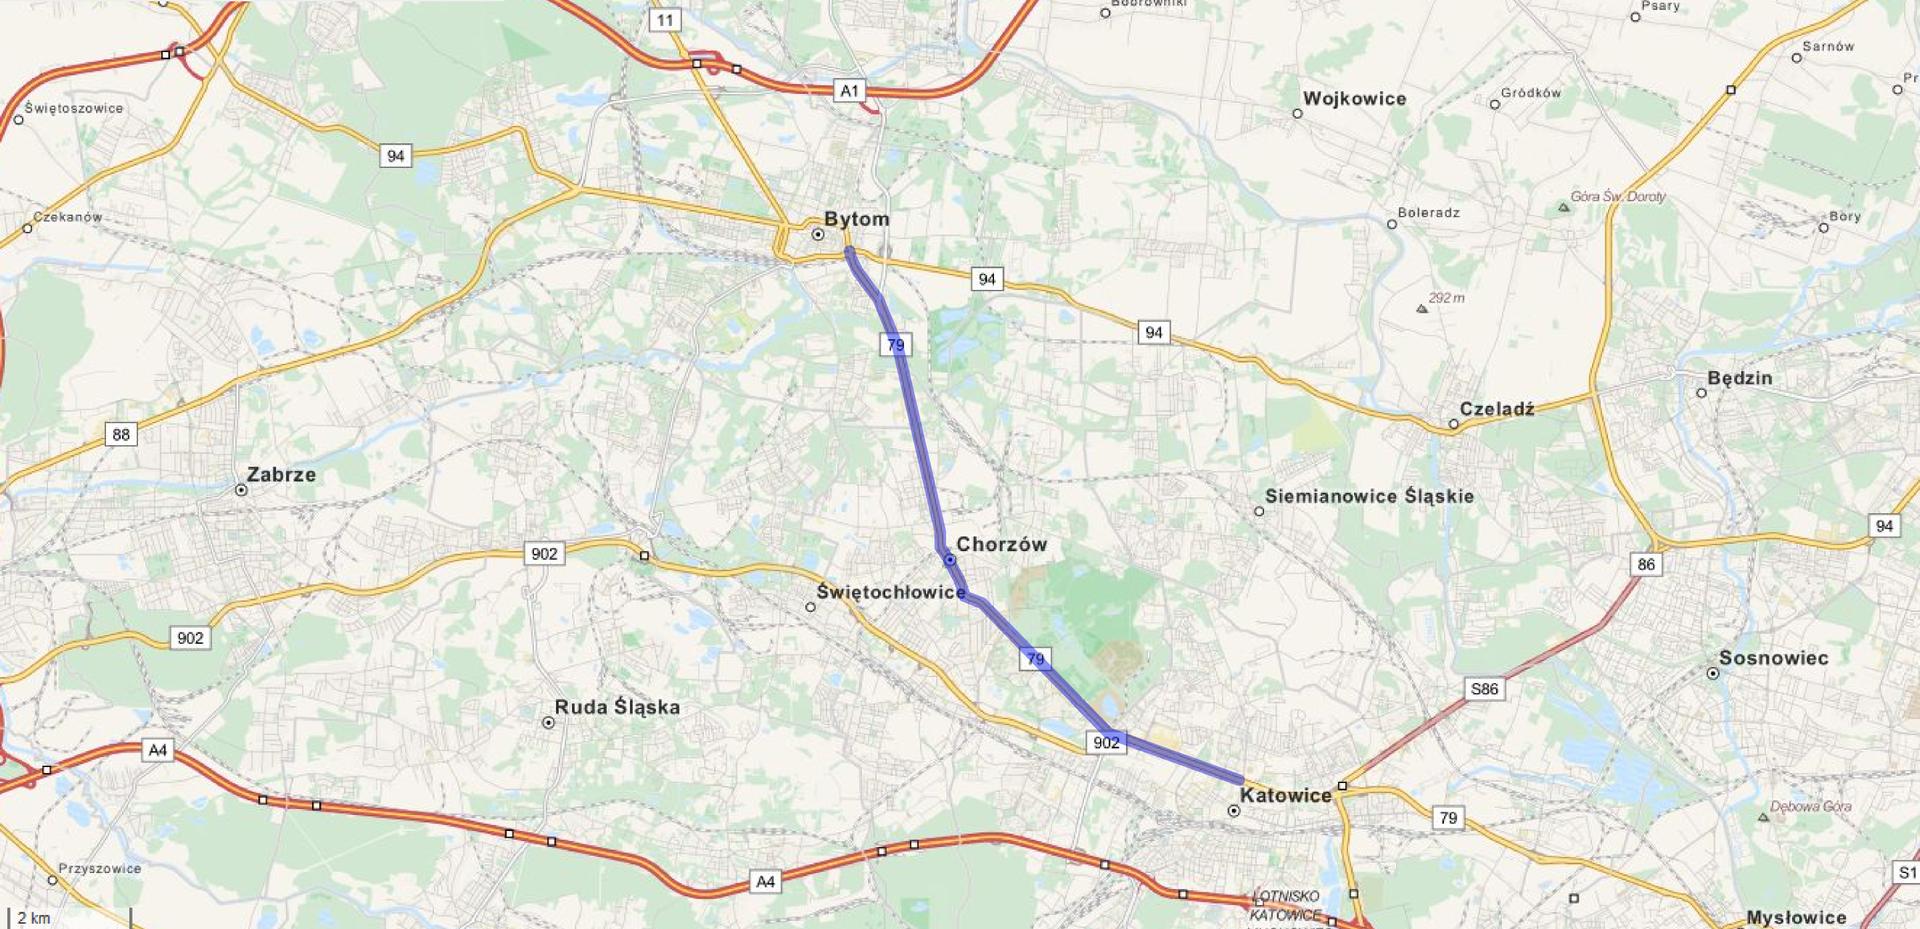 Ilustracja przedstawia fragment mapy Górnego Śląska. Na mapie zaznaczono niebieskim kolorem drogę łączącą Bytom zKatowicami.